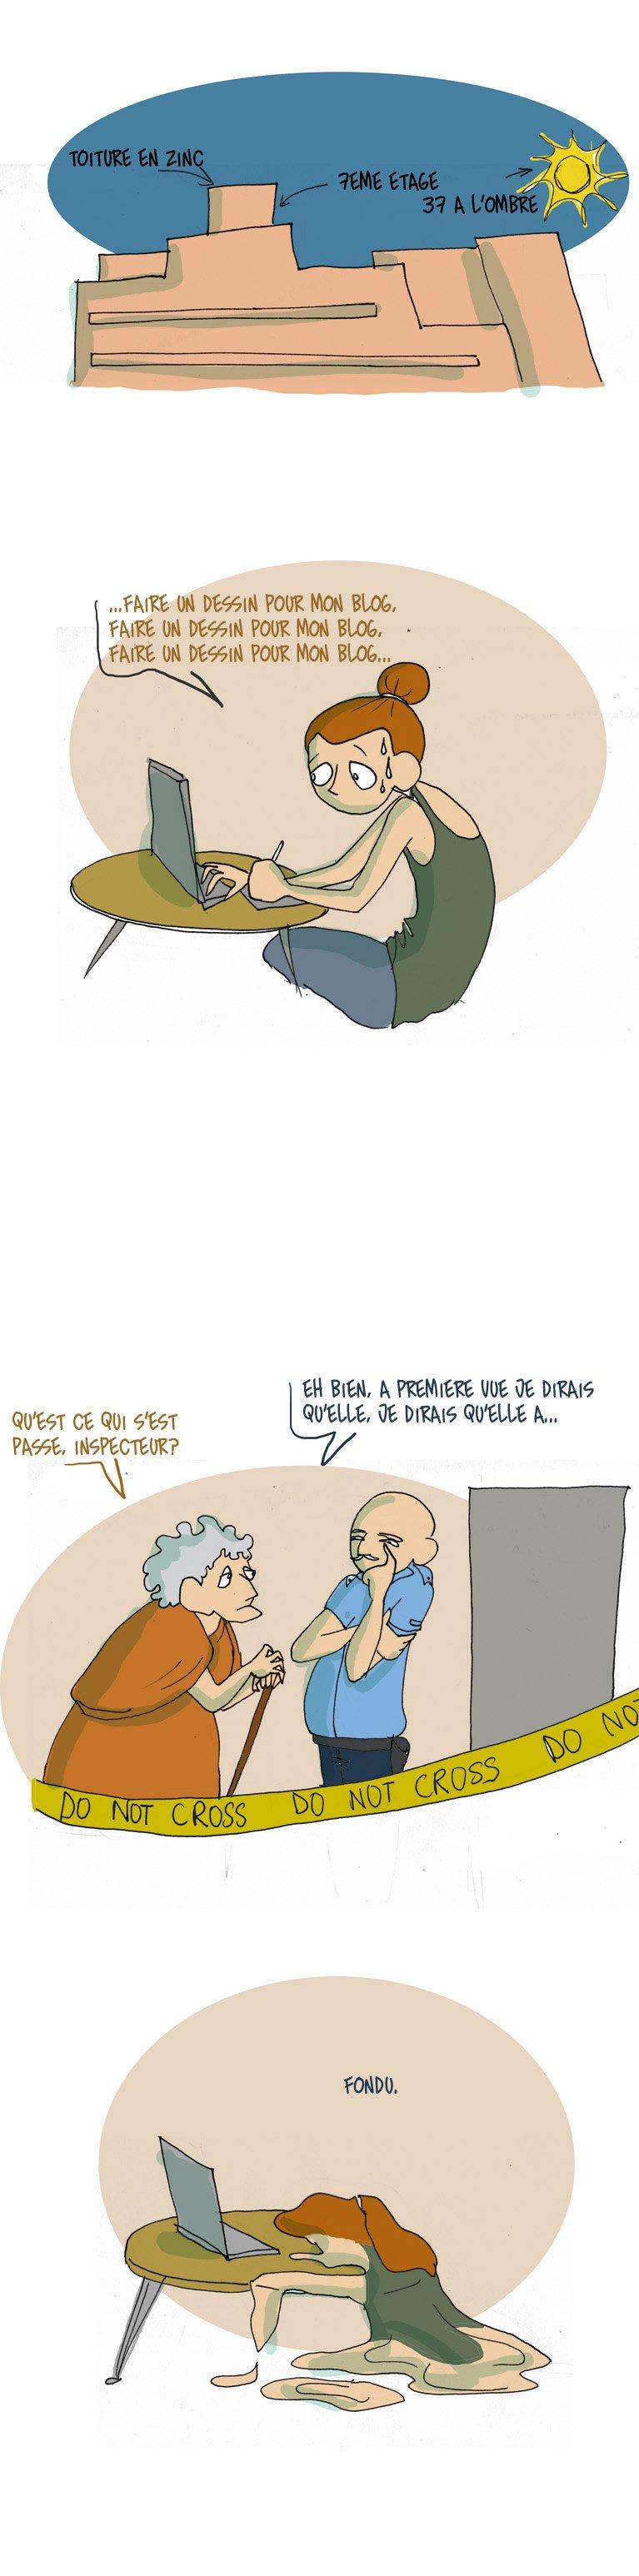 123chaleur.jpg